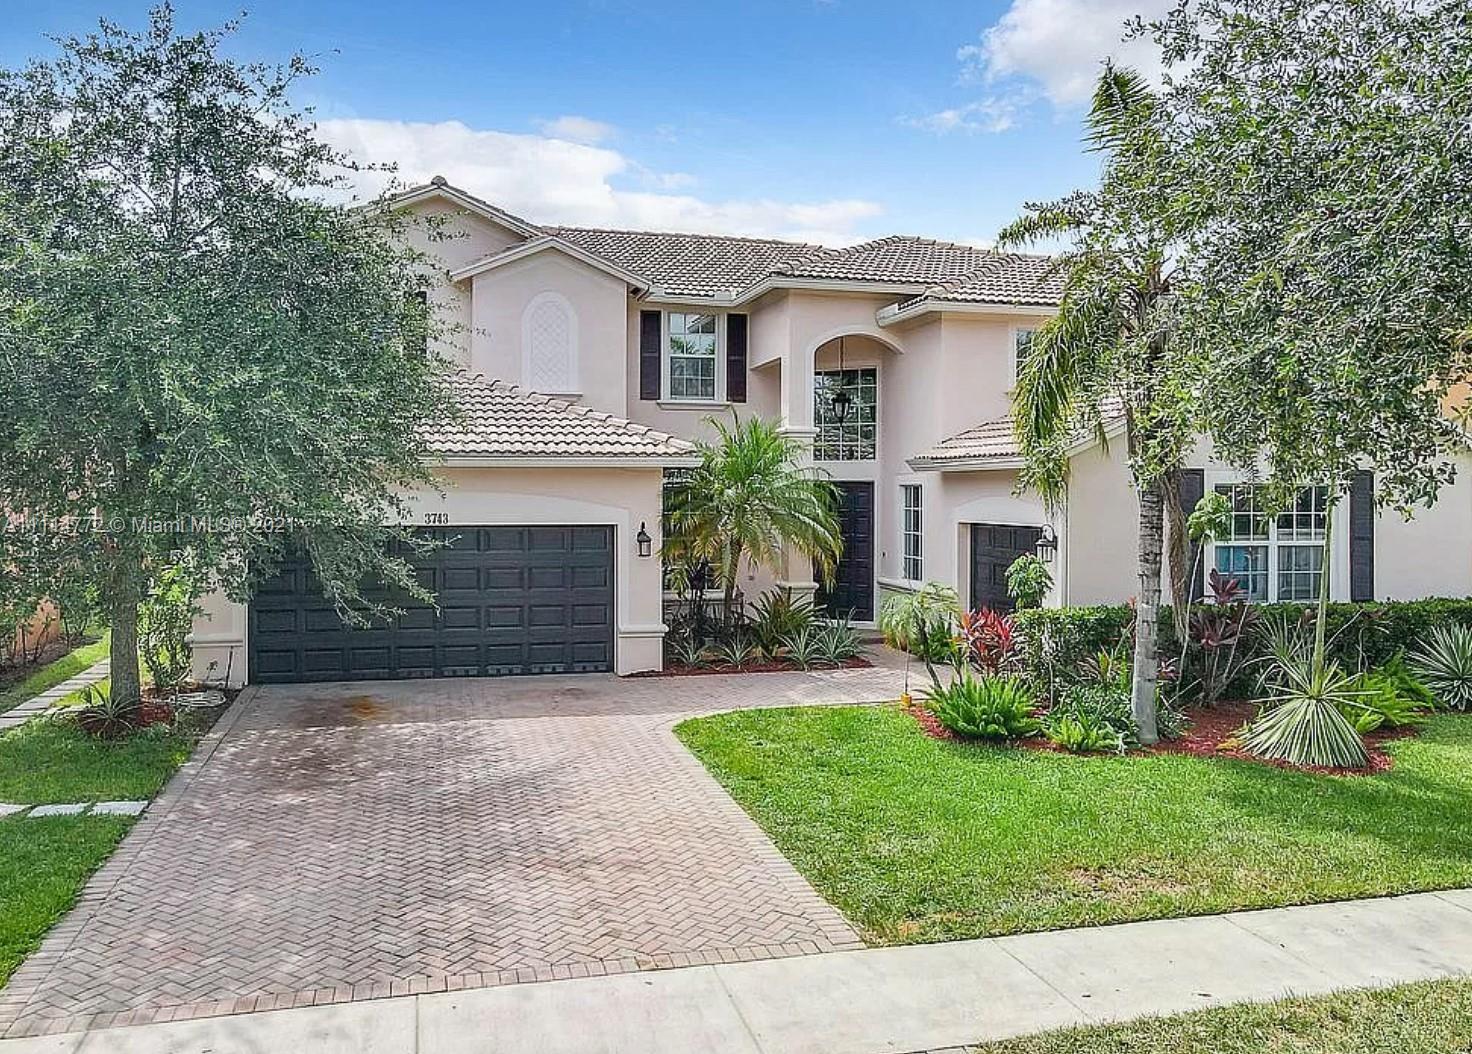 Weston - 3743 W Gardenia Ave, Weston, FL 33332